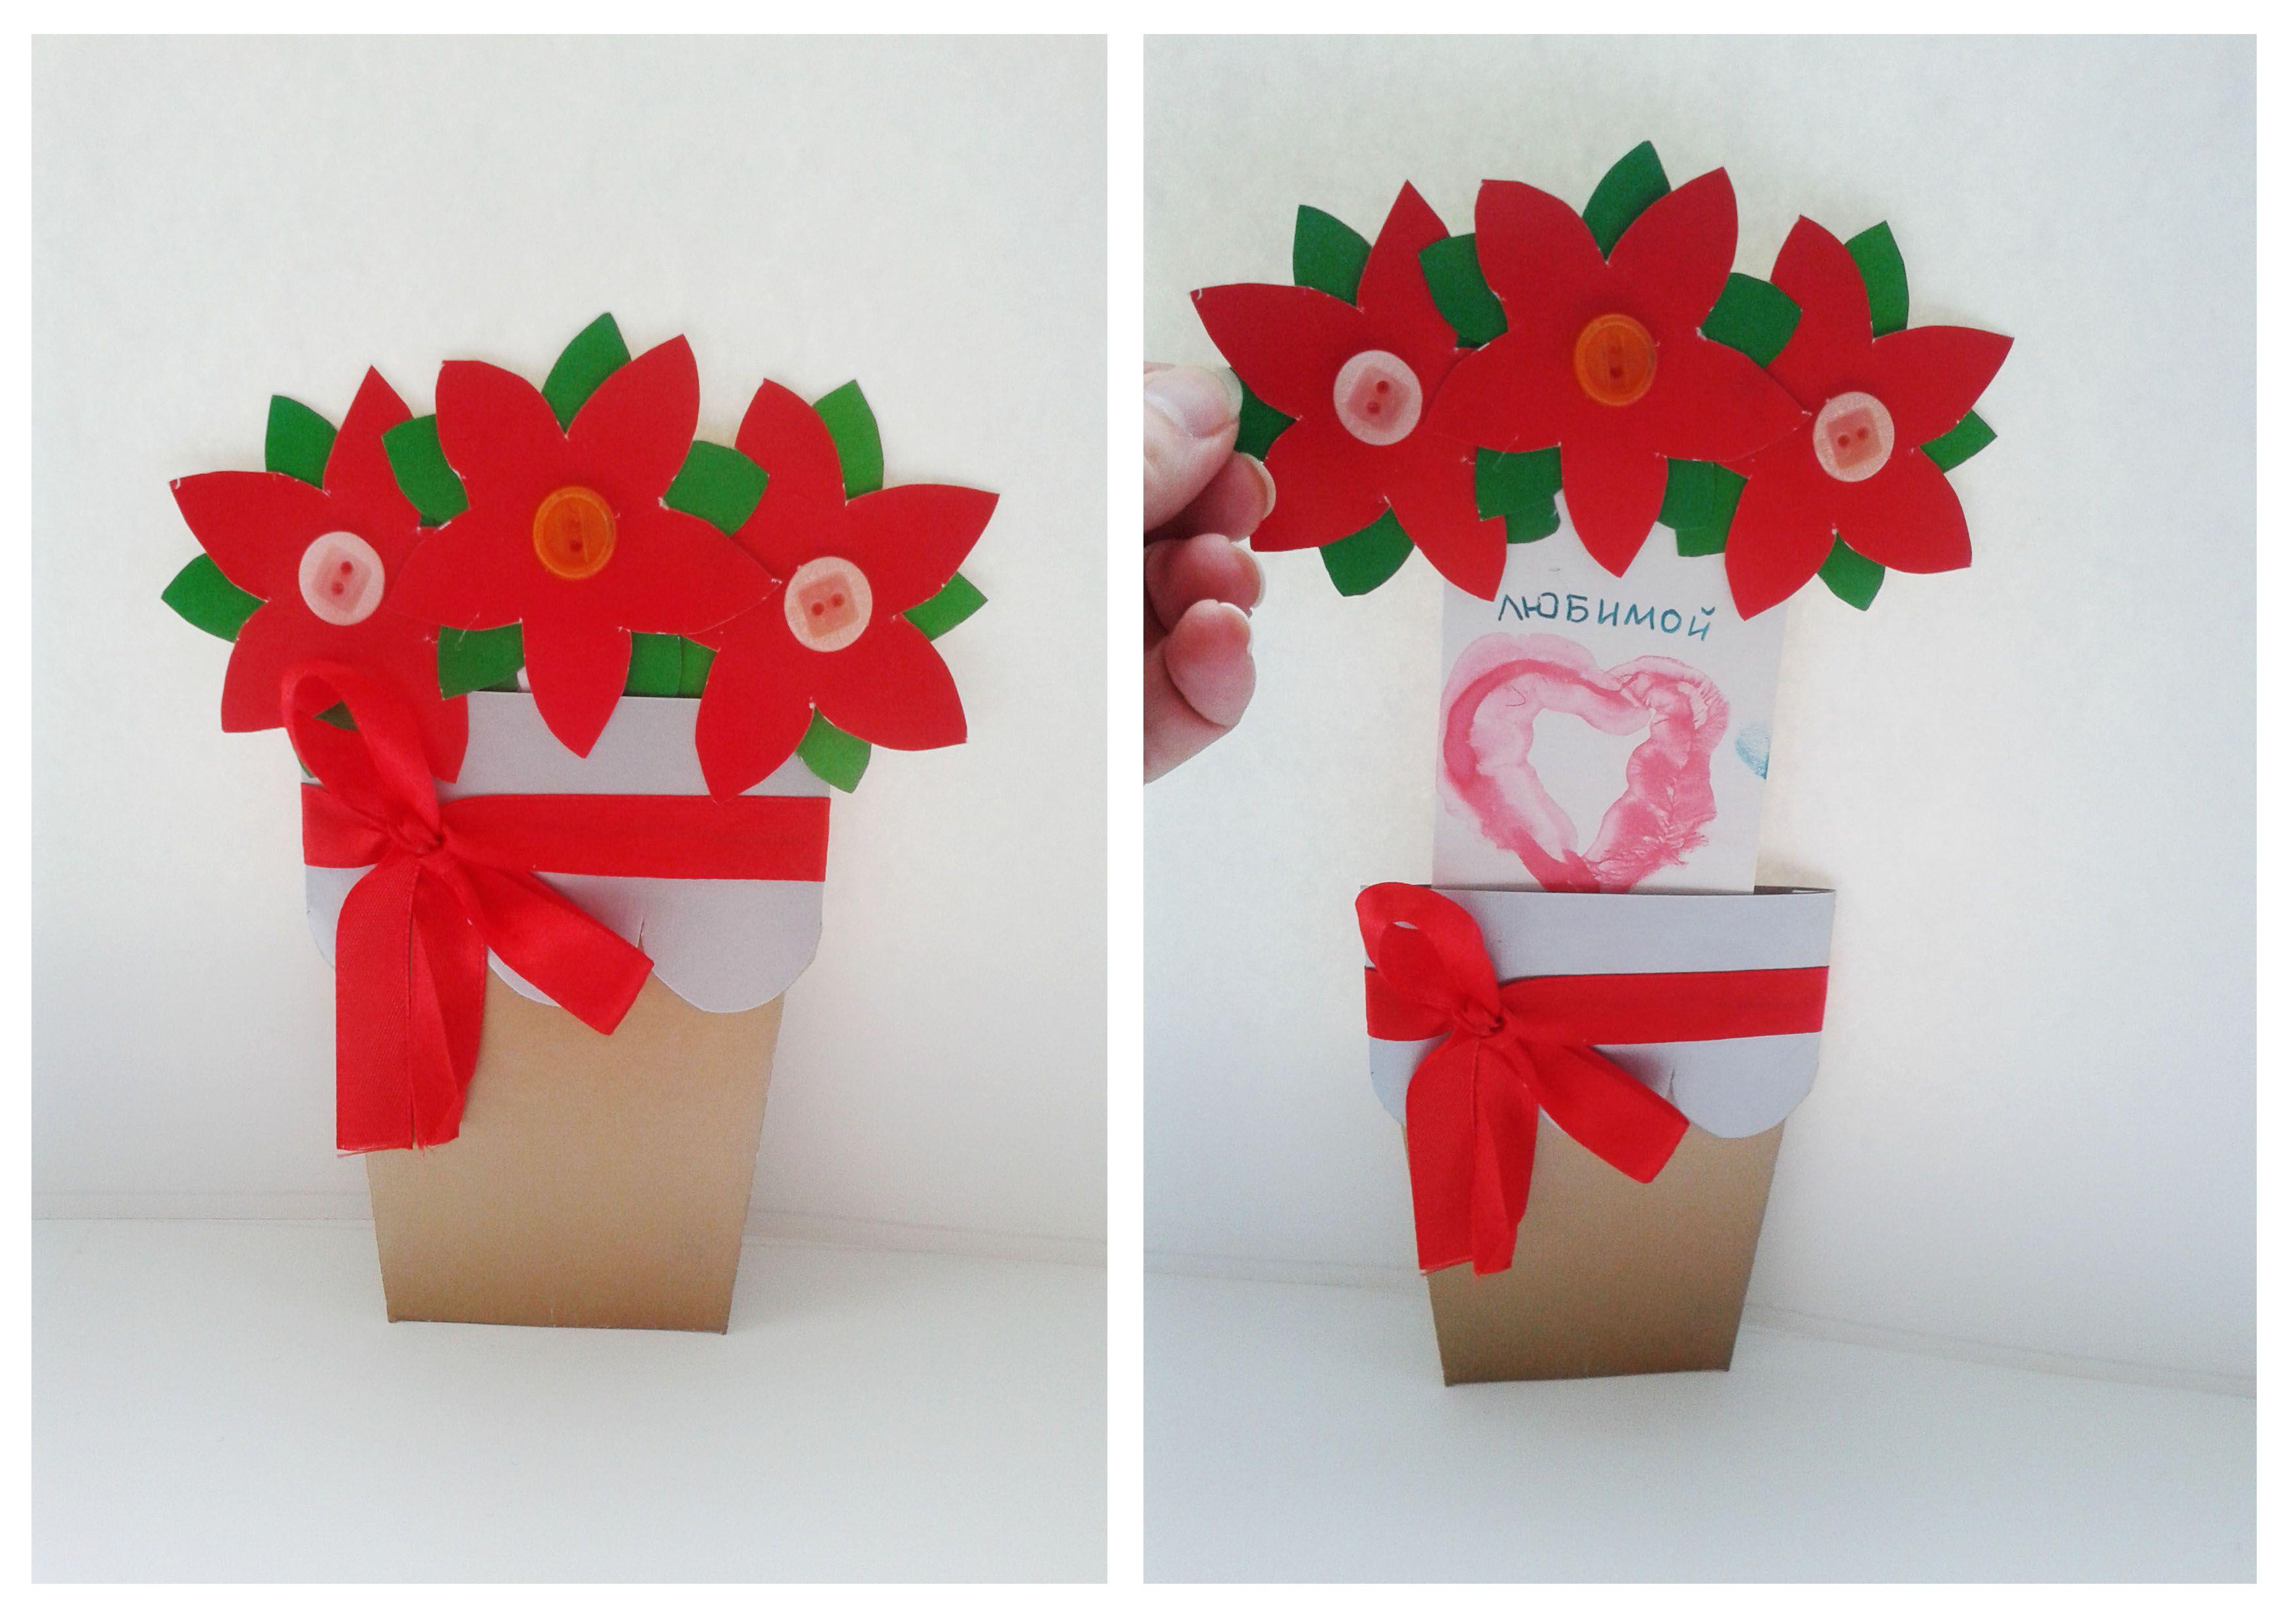 Сделать открытку на день рождения для бабушки онлайн, для фотошопа открытки